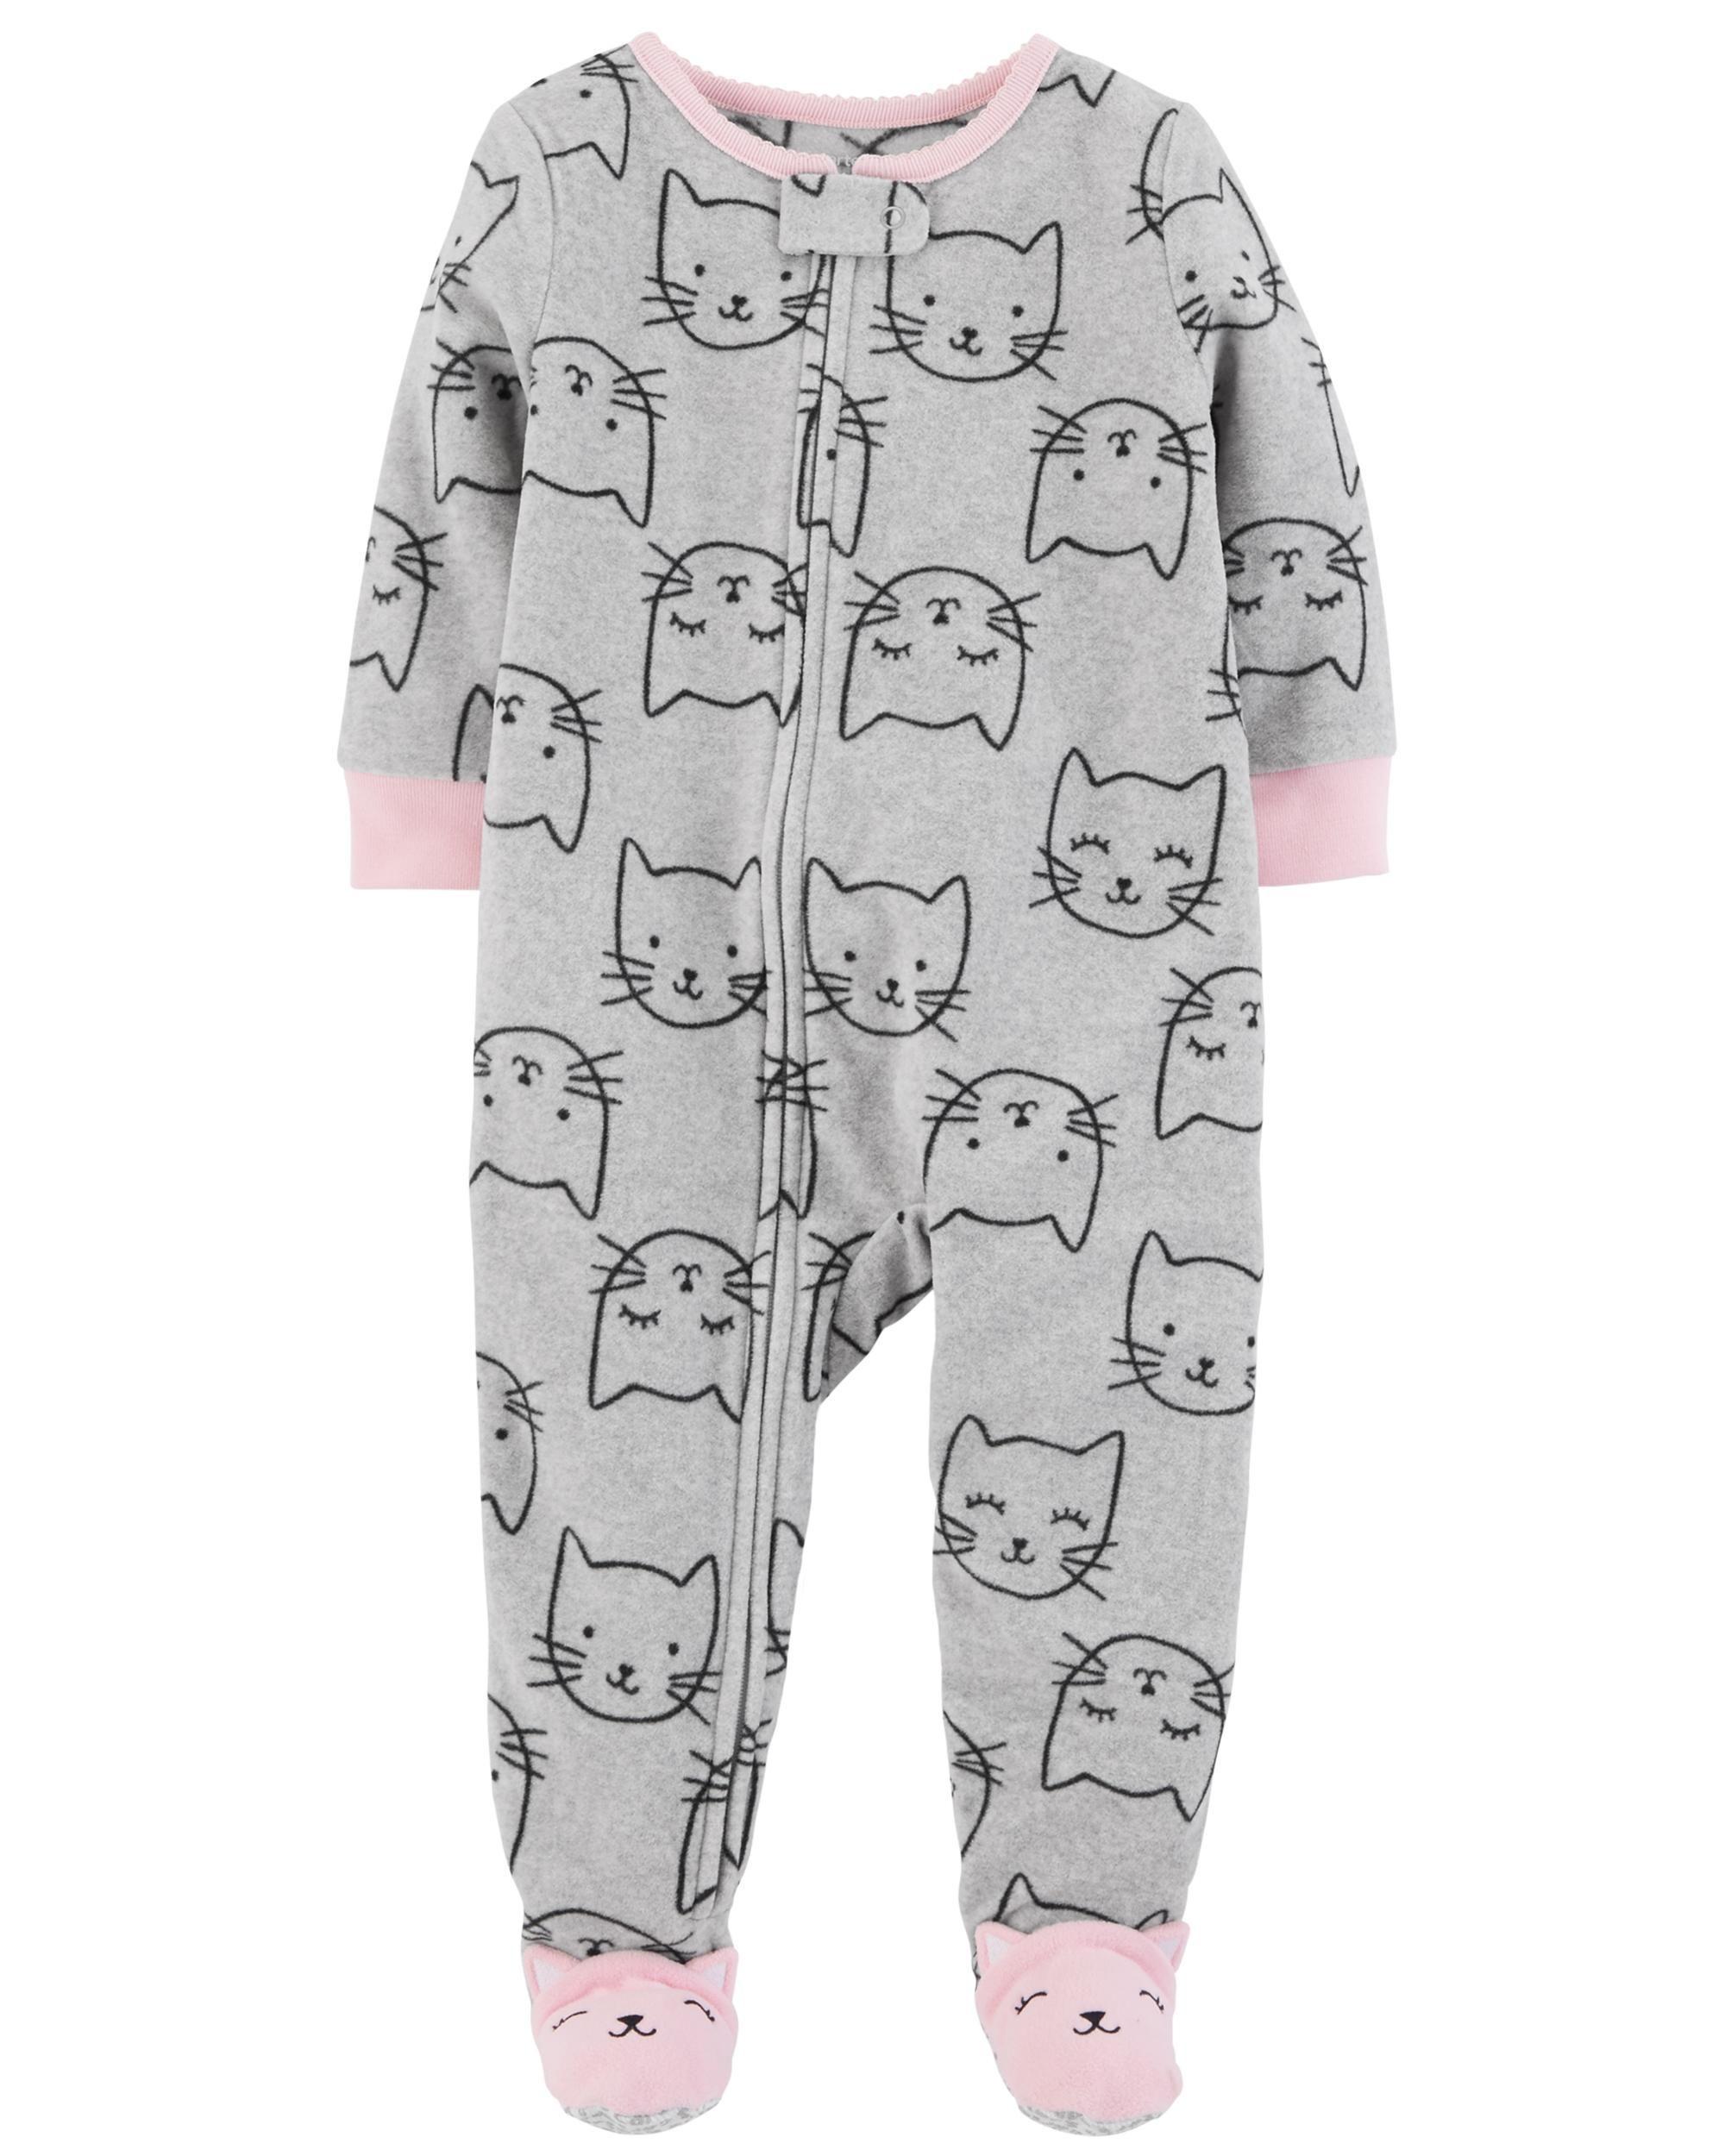 cc126f23c Baby Girl 2-Pack Fleece PJs